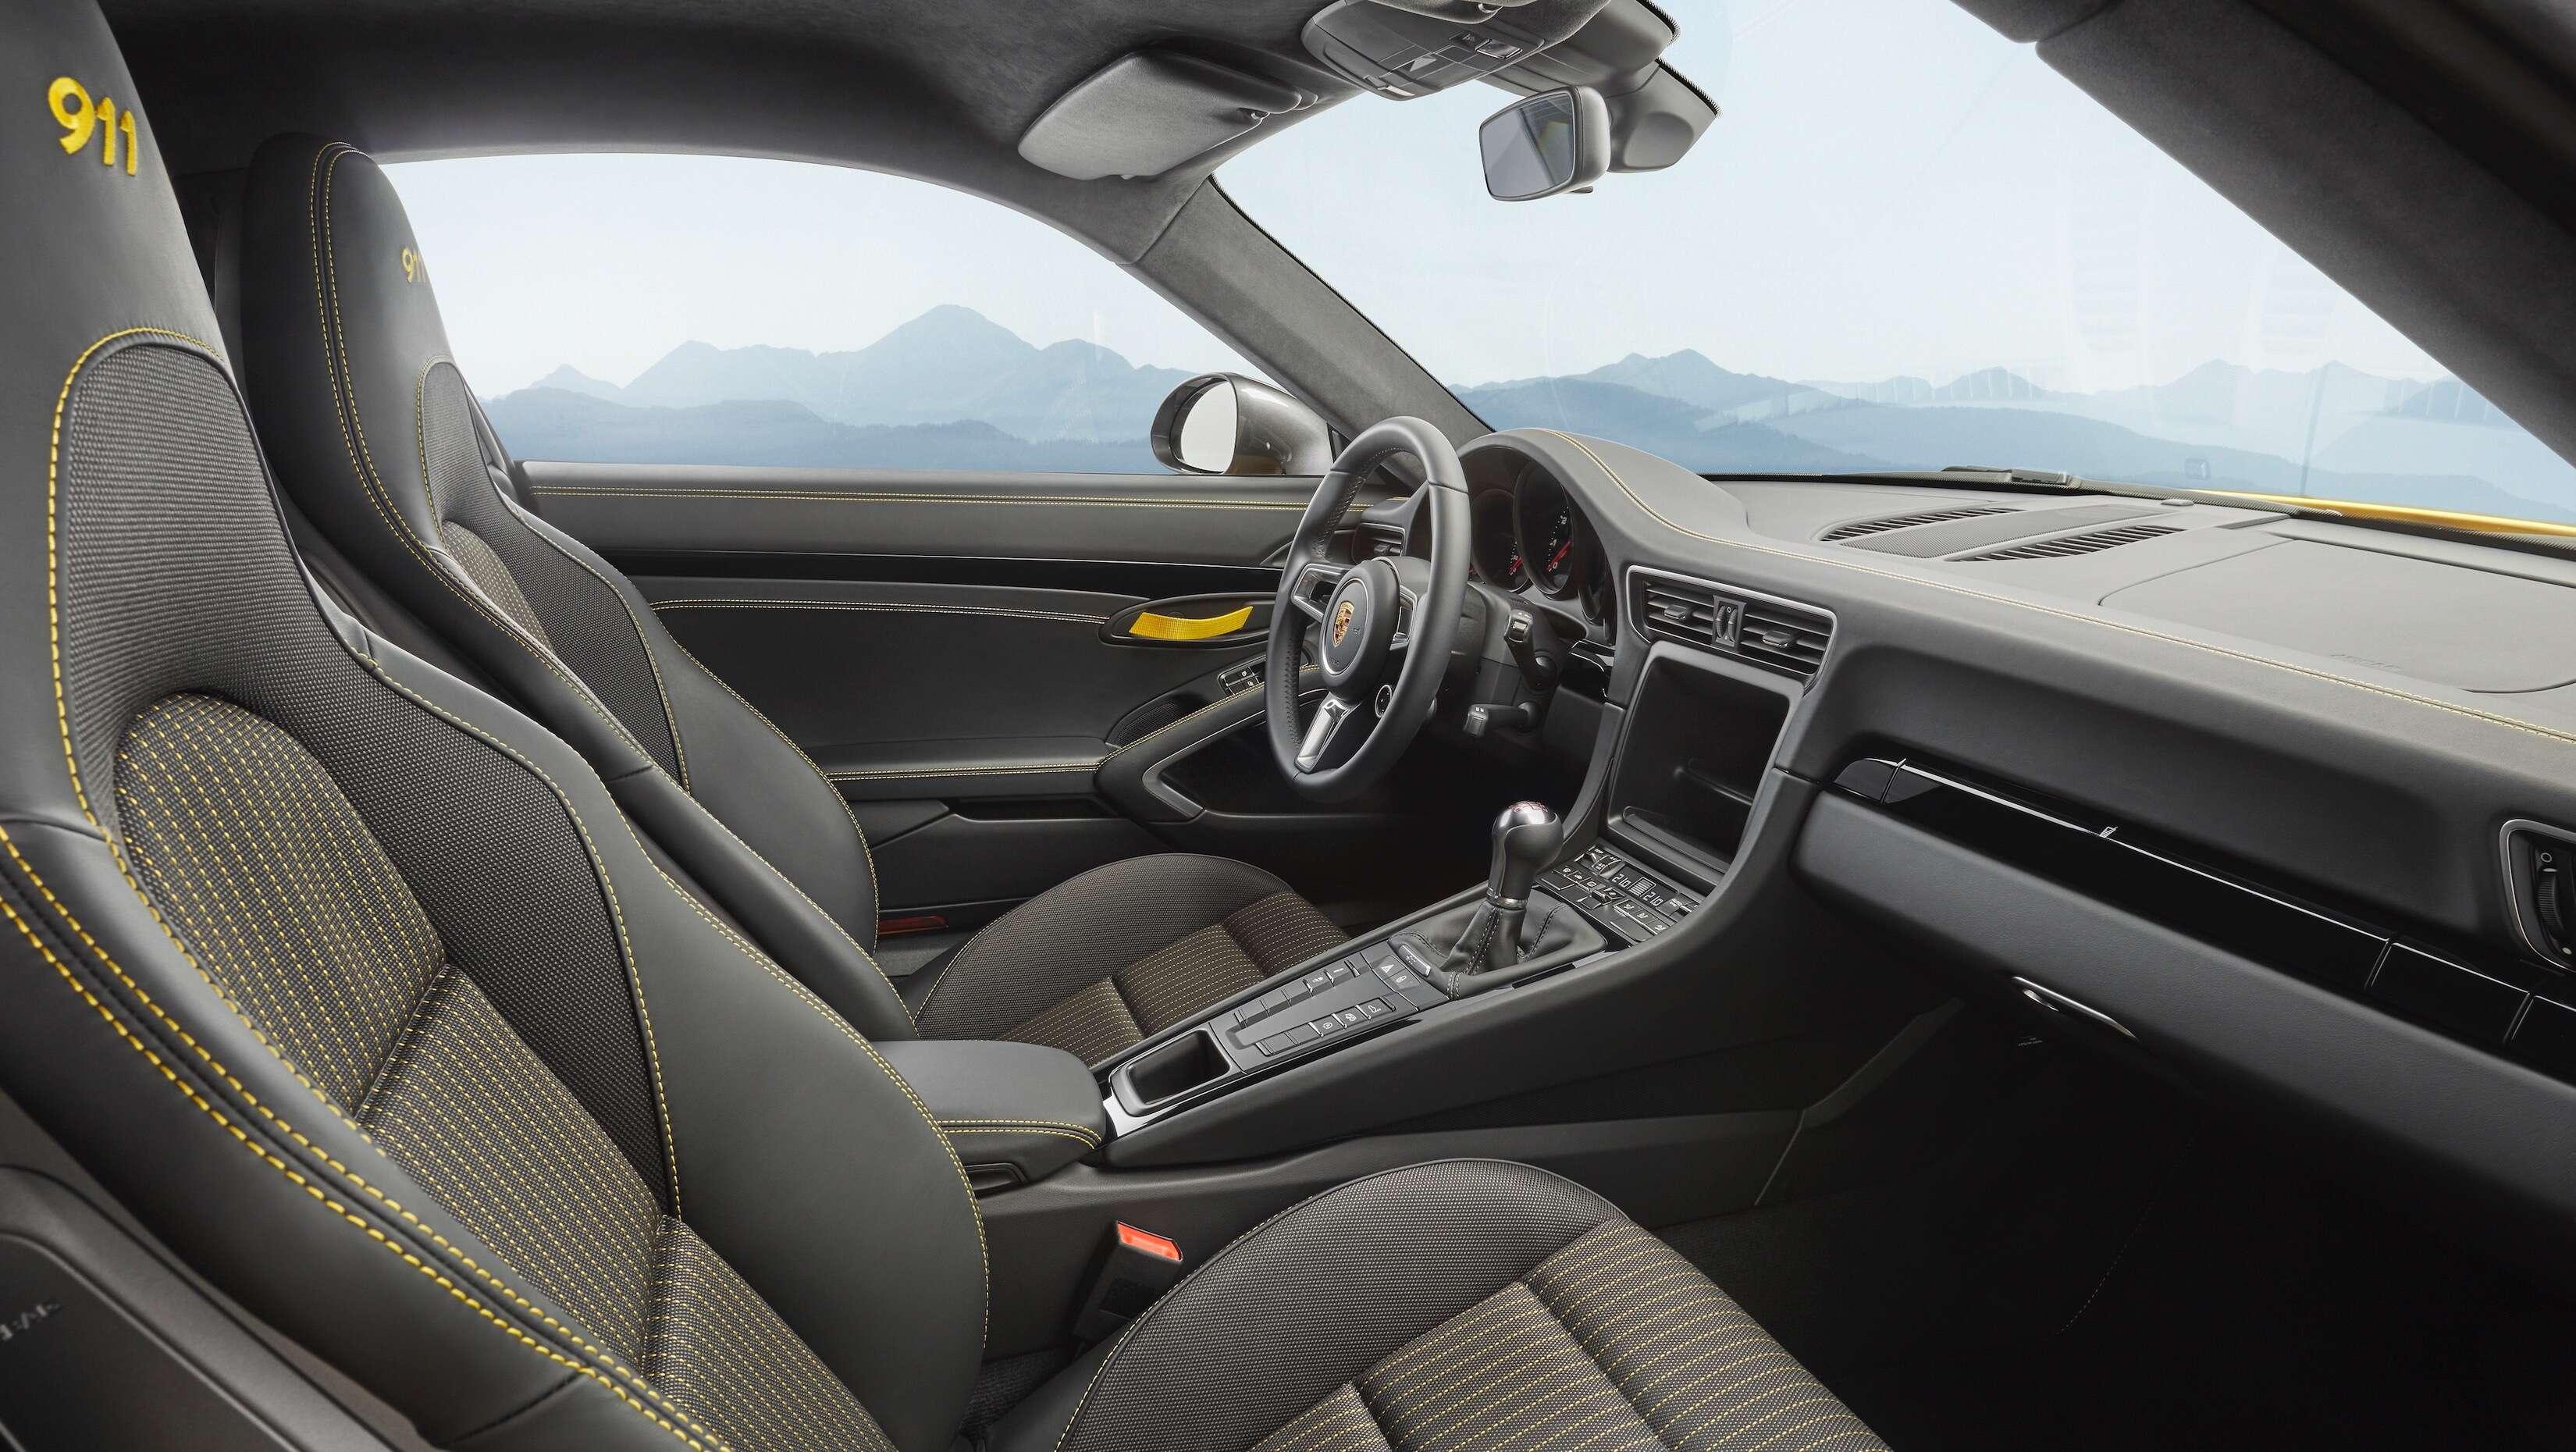 The 2018 Porsche 911 Carrera T Is a Lightweight 911 Made for Purists  Porsche T on black porsche 911, old porsche 911, first porsche 911, hot wheels porsche 911, green porsche 911, orange porsche 911, gold porsche 911, future porsche 911, purple porsche 911, red porsche 911,